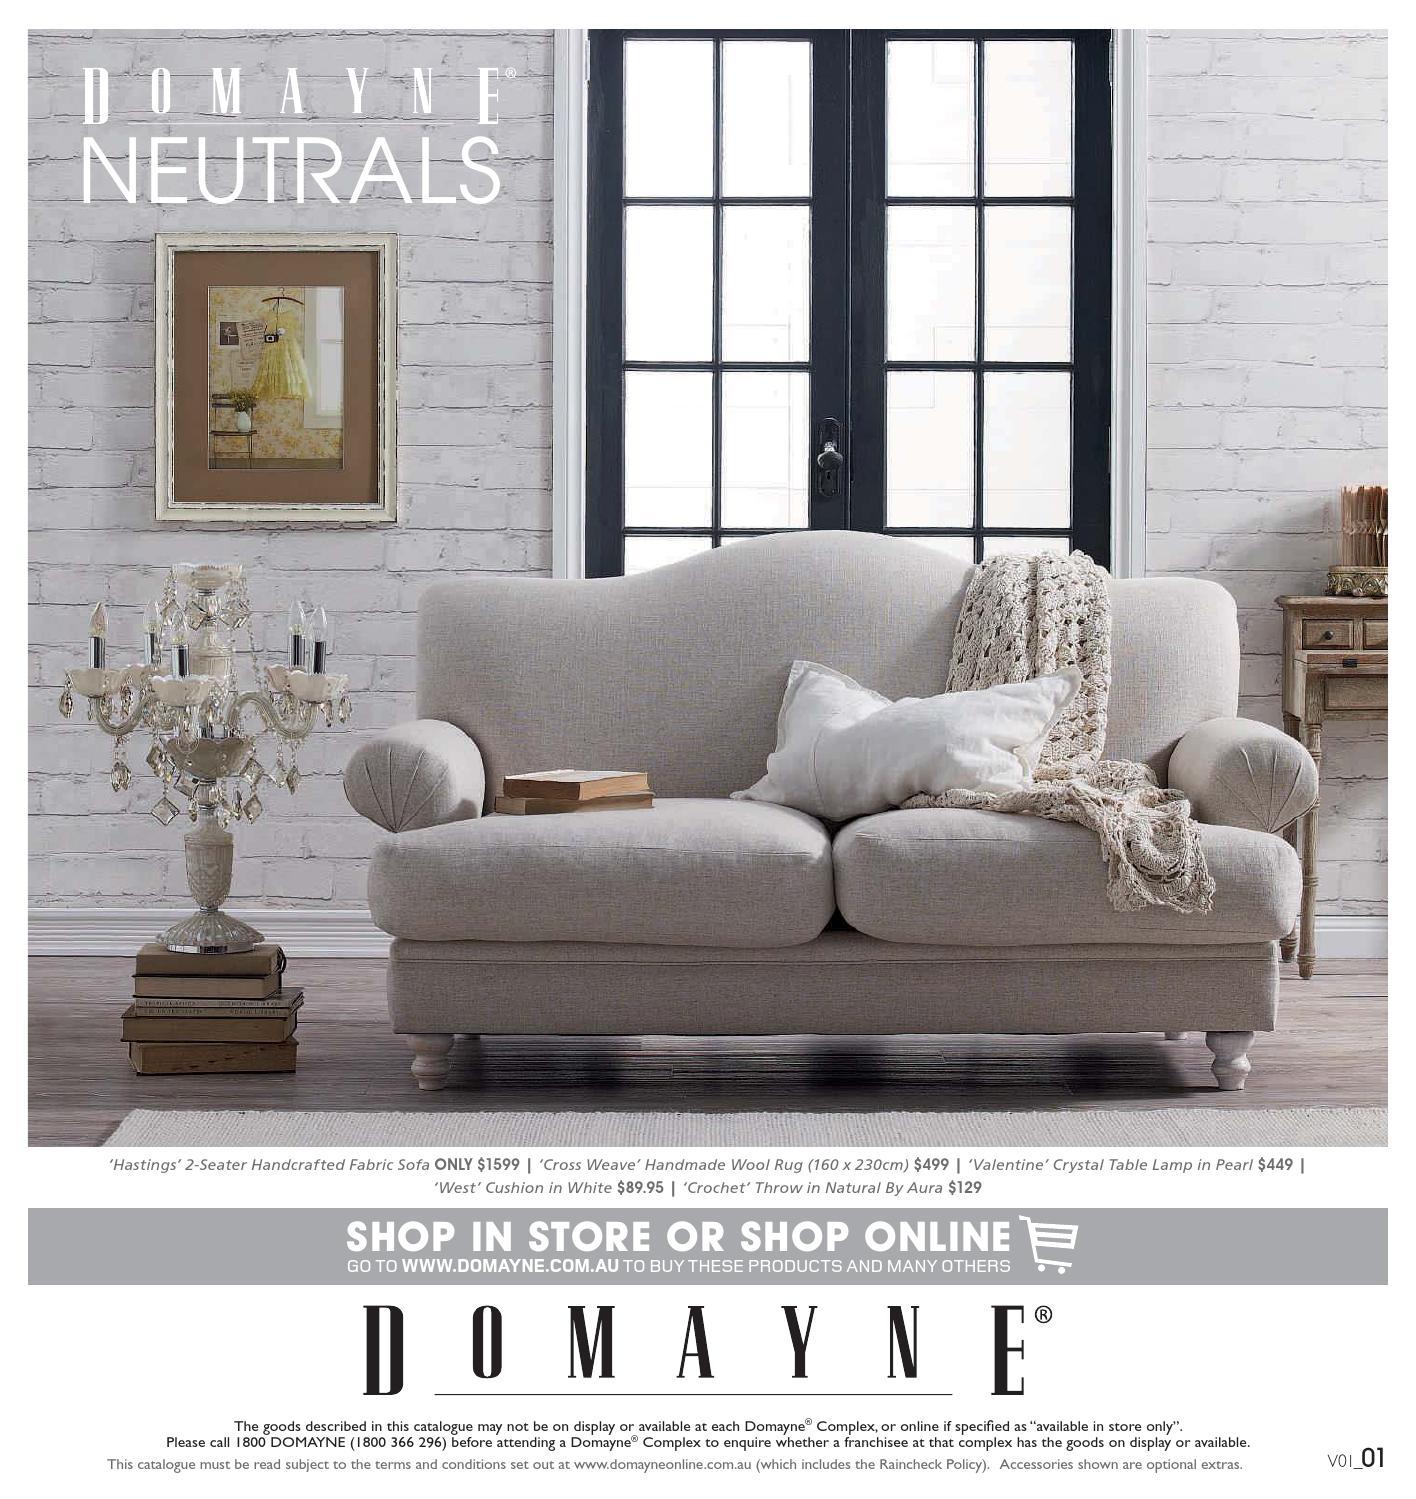 july neutrals by domayne issuu rh issuu com